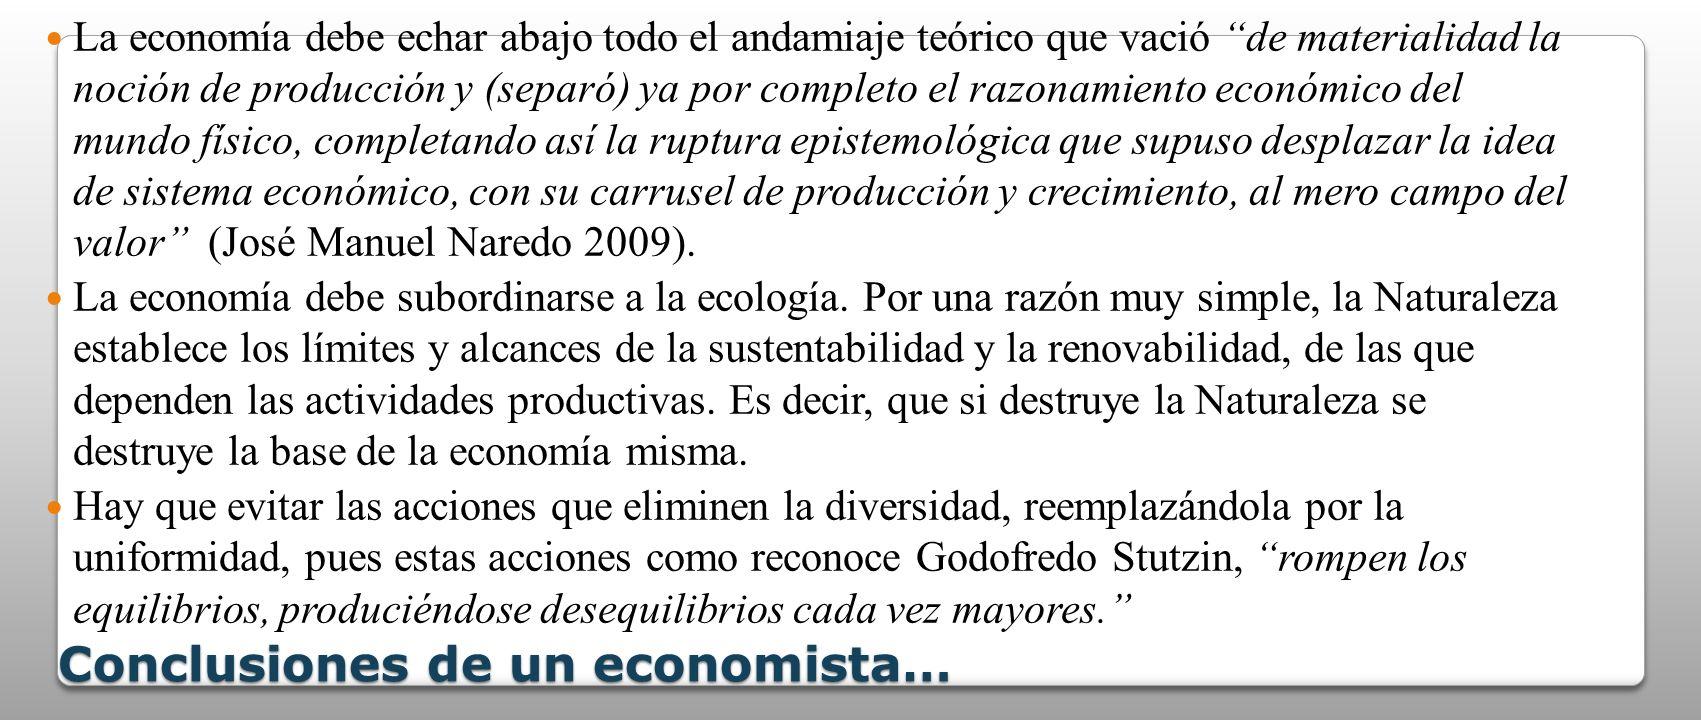 Conclusiones de un economista…